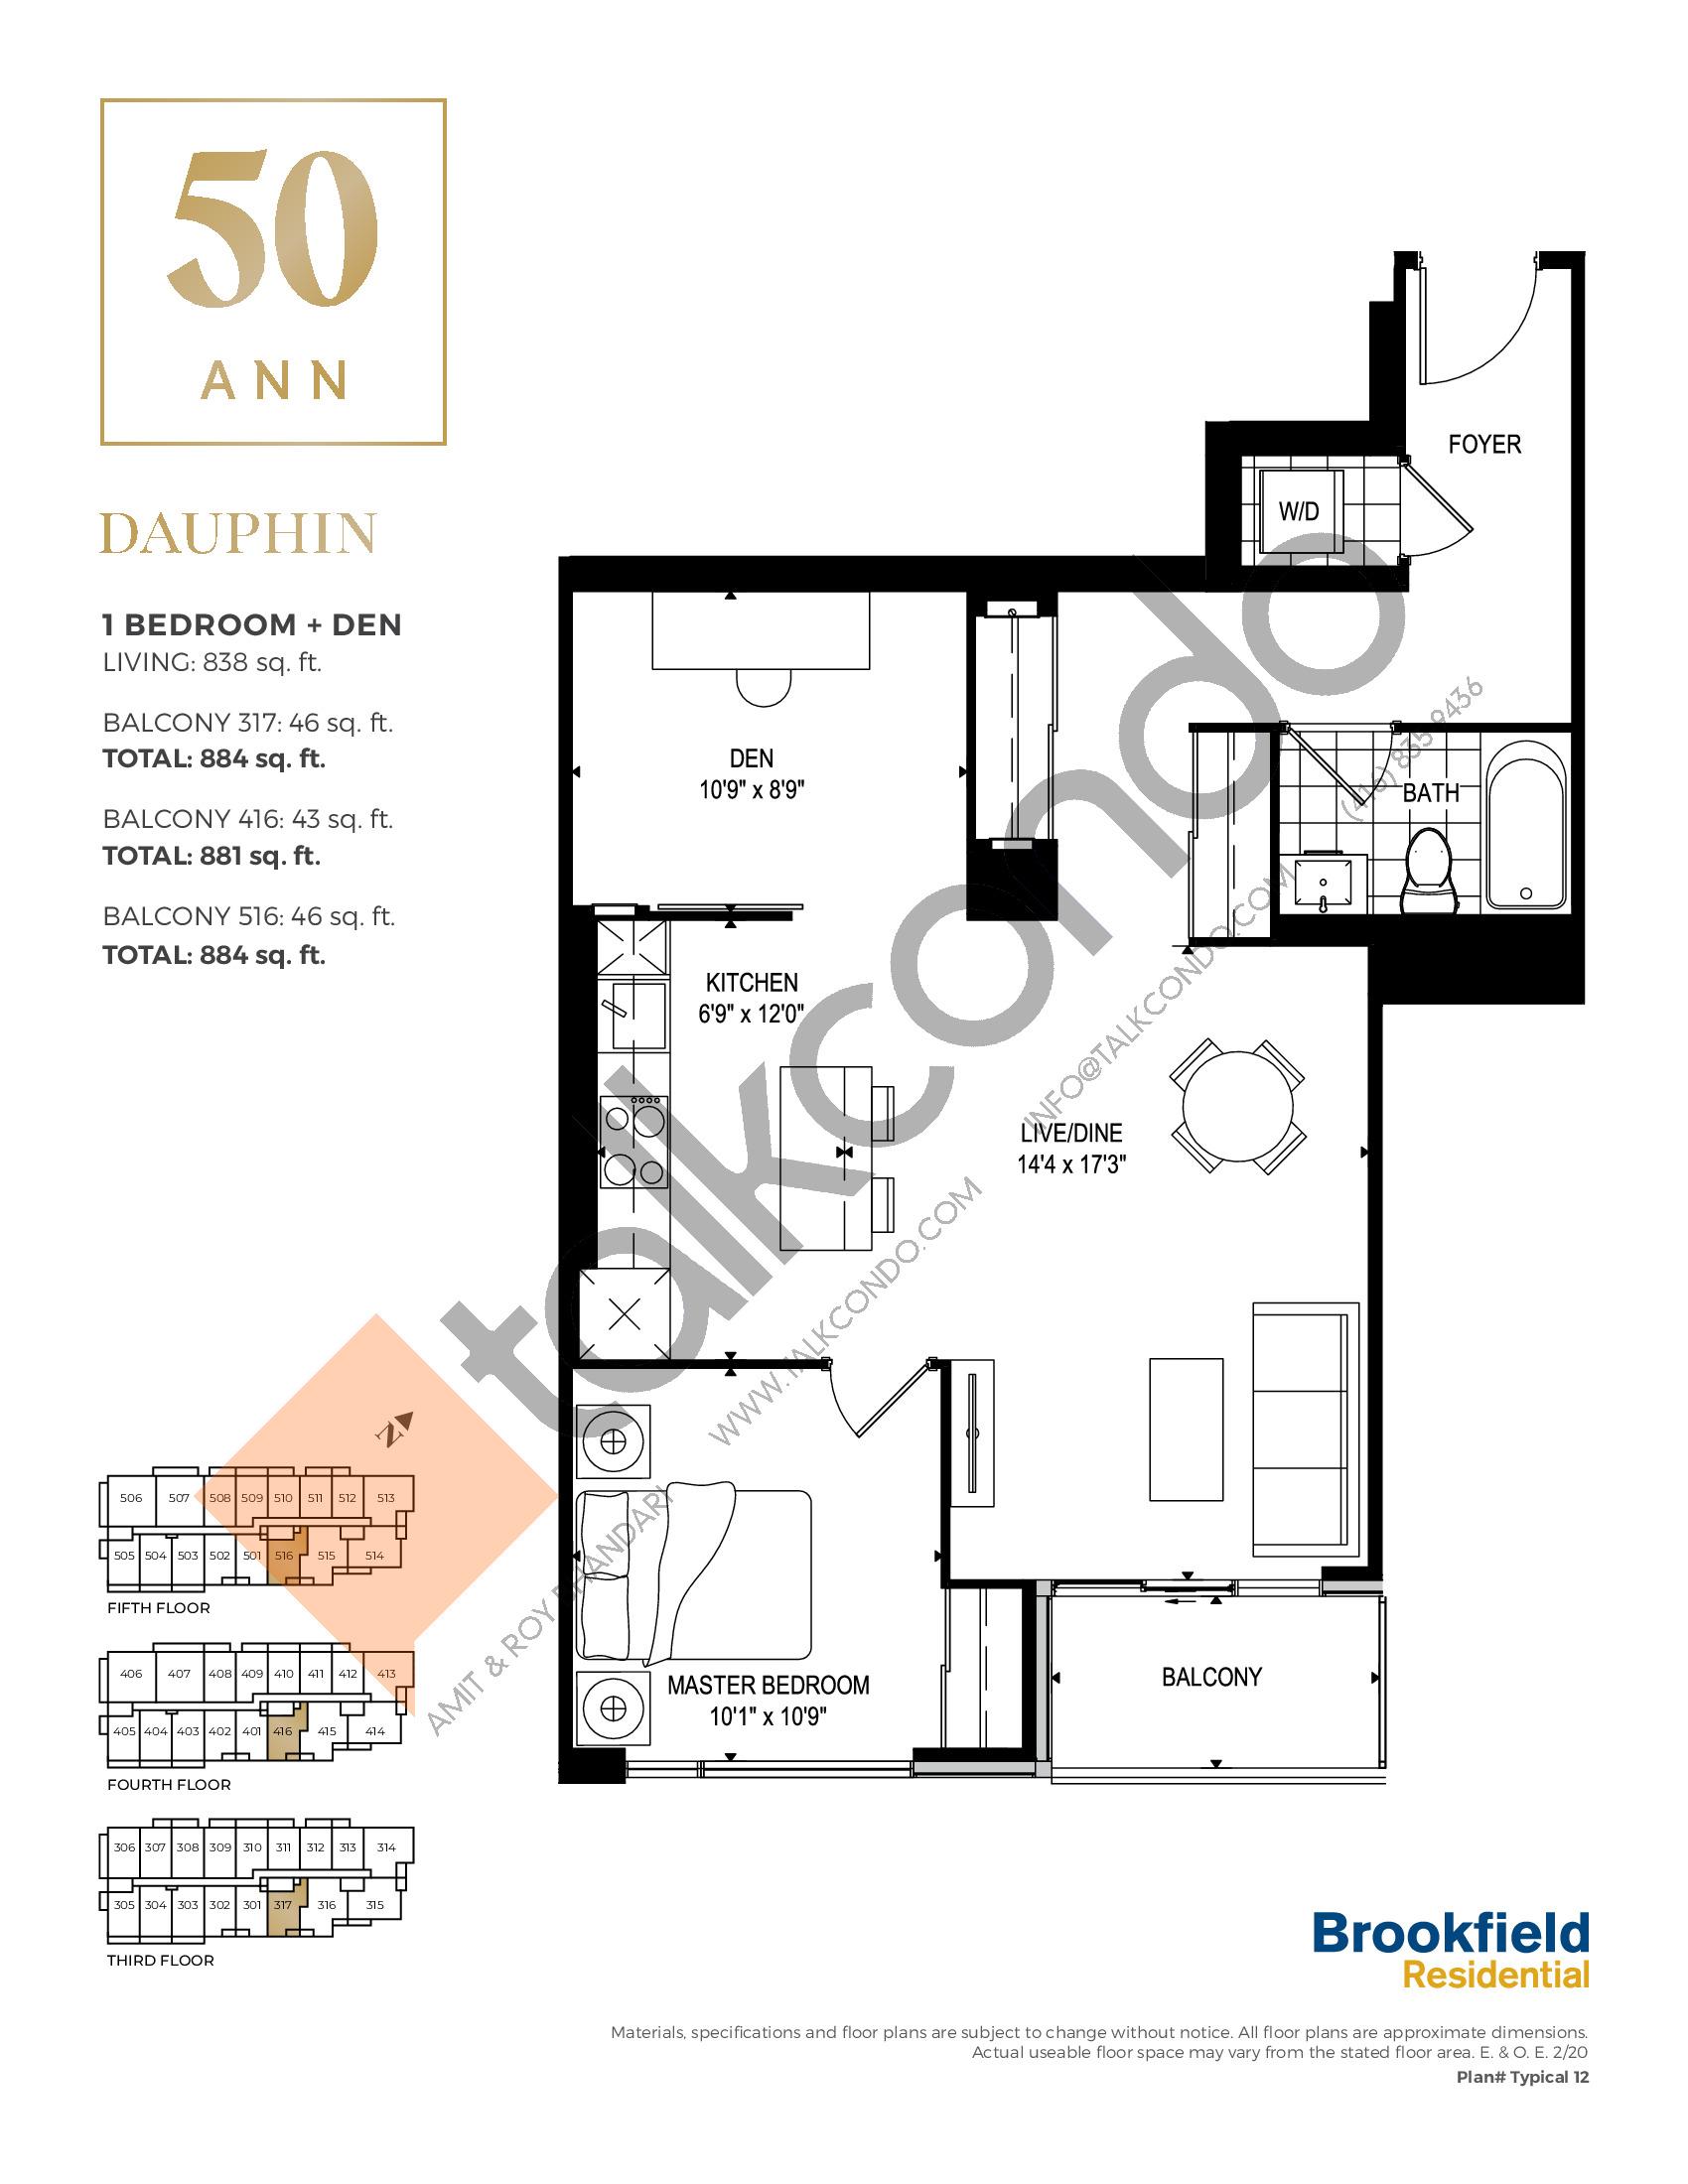 Dauphin Floor Plan at 50 Ann Condos - 838 sq.ft